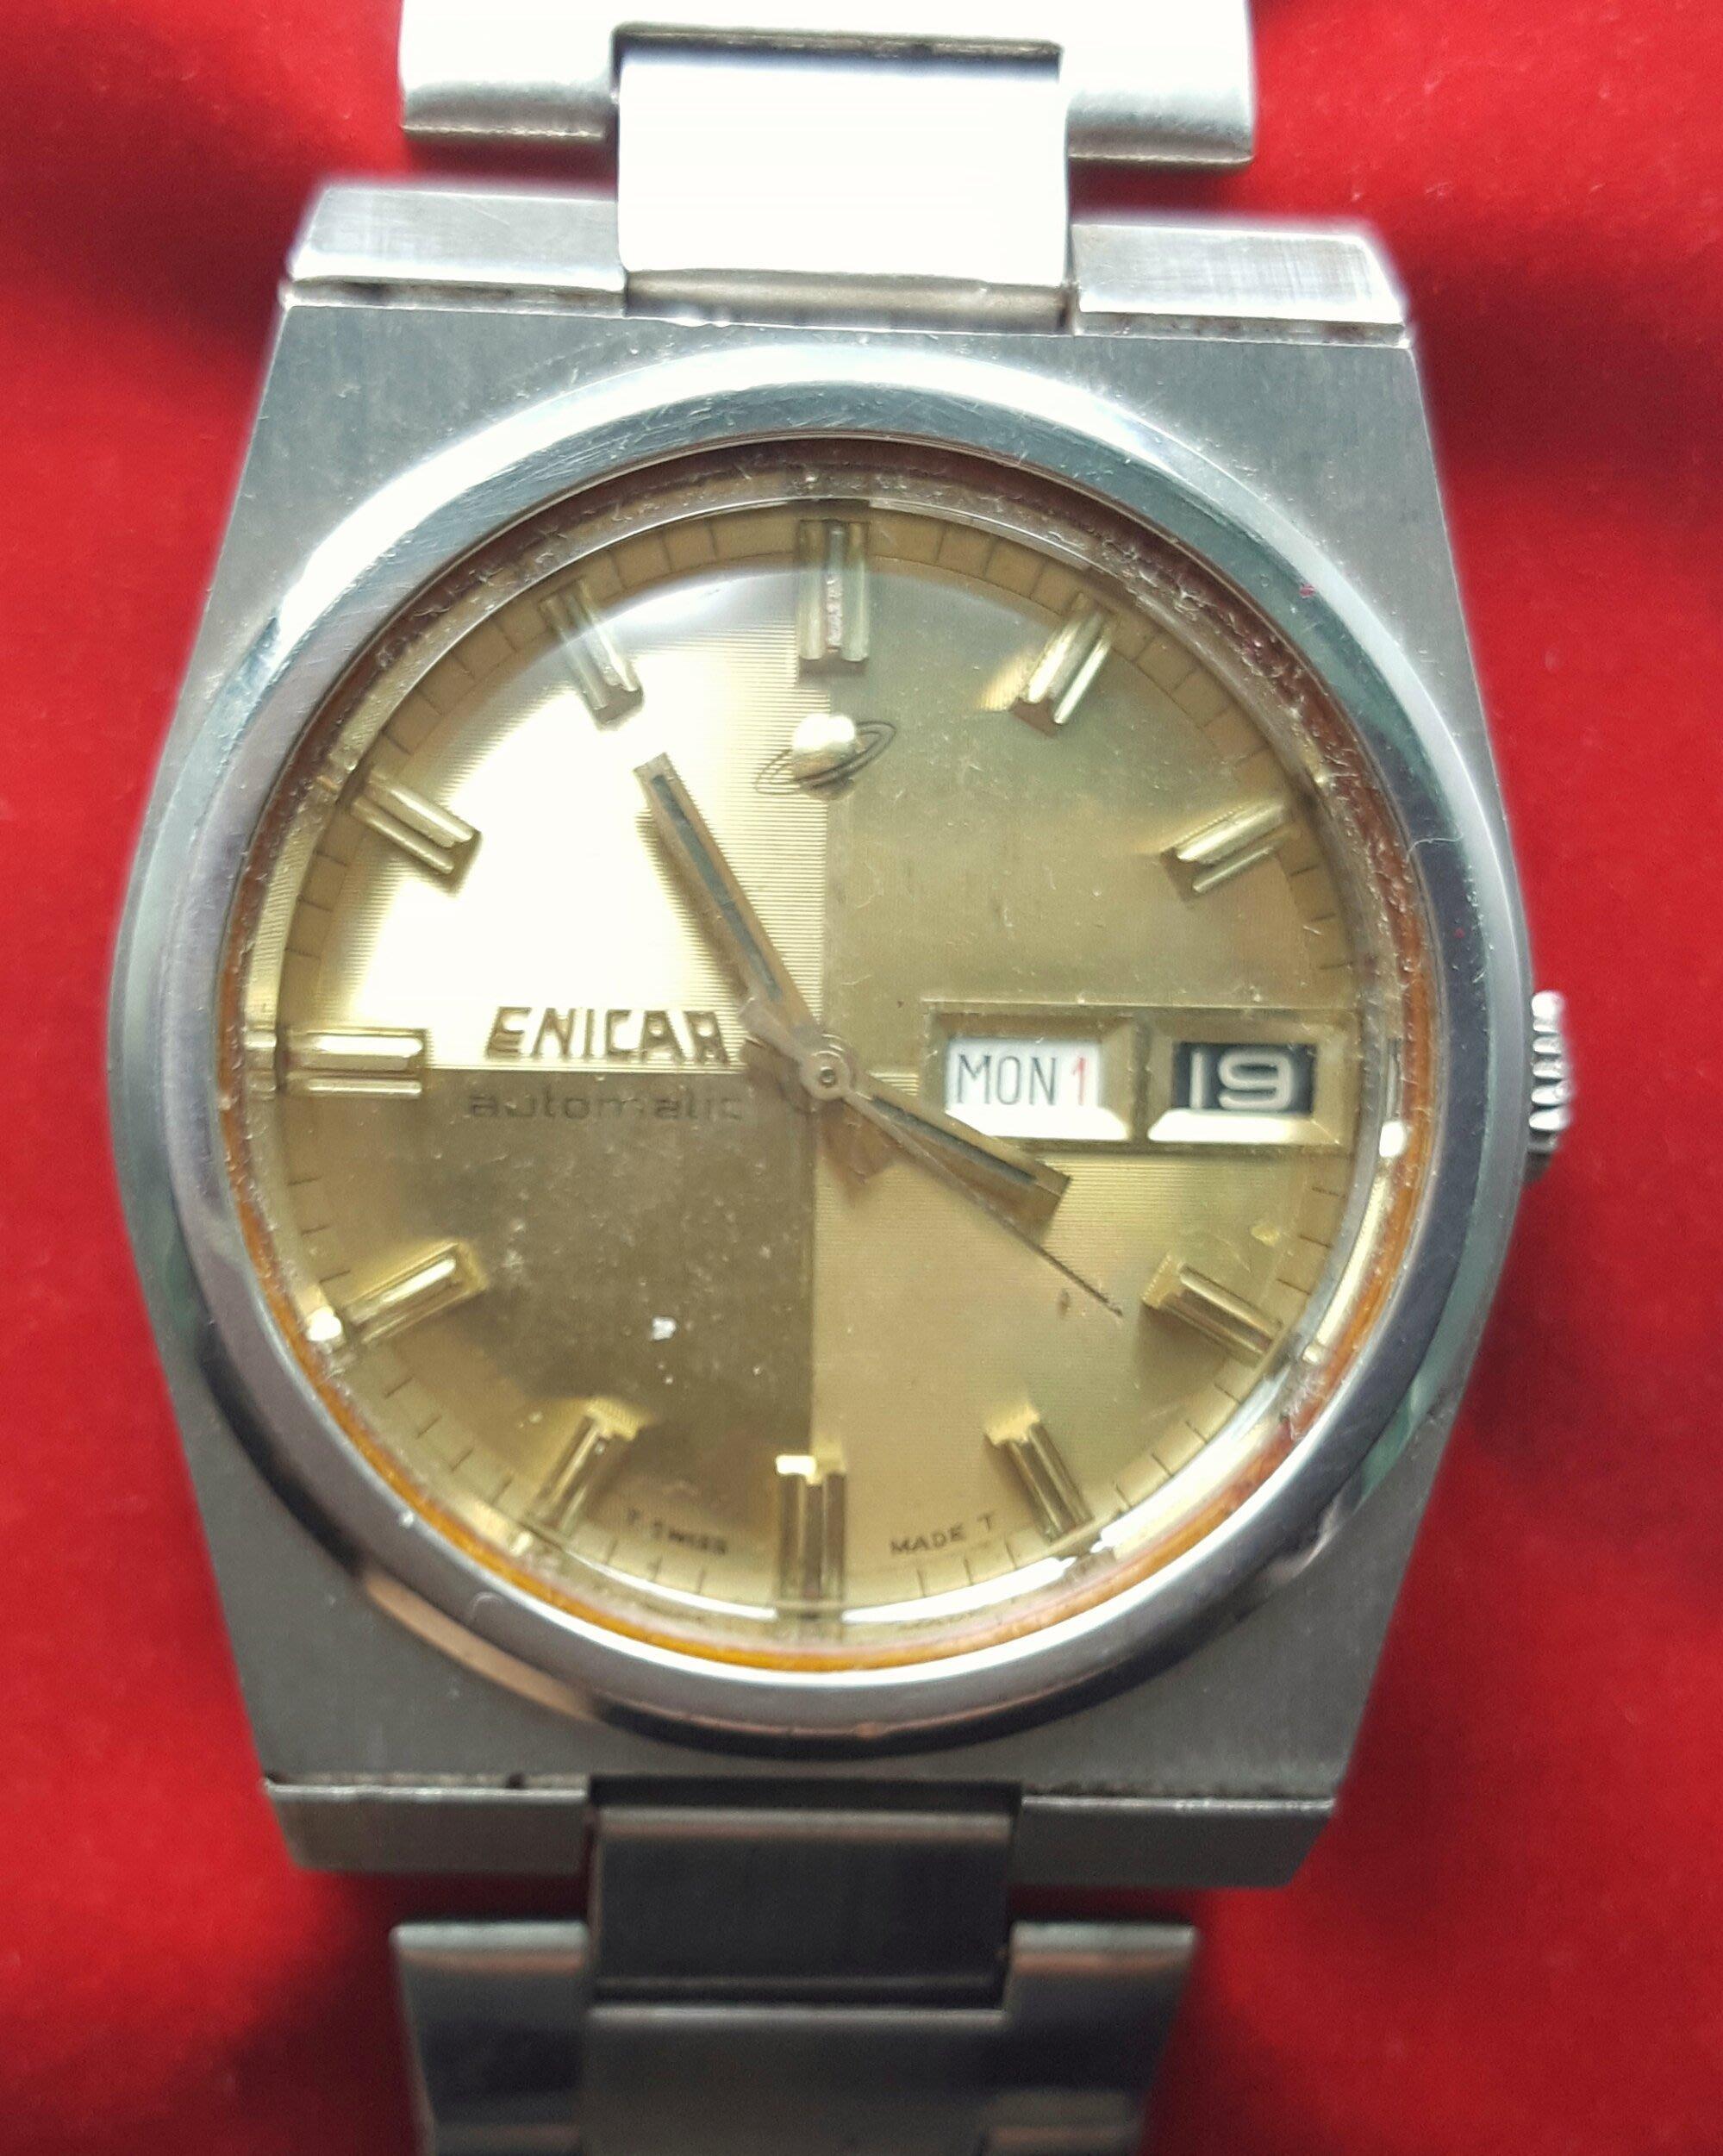 OQ精品腕錶 瑞士 英納格錶自動上鍊機械錶